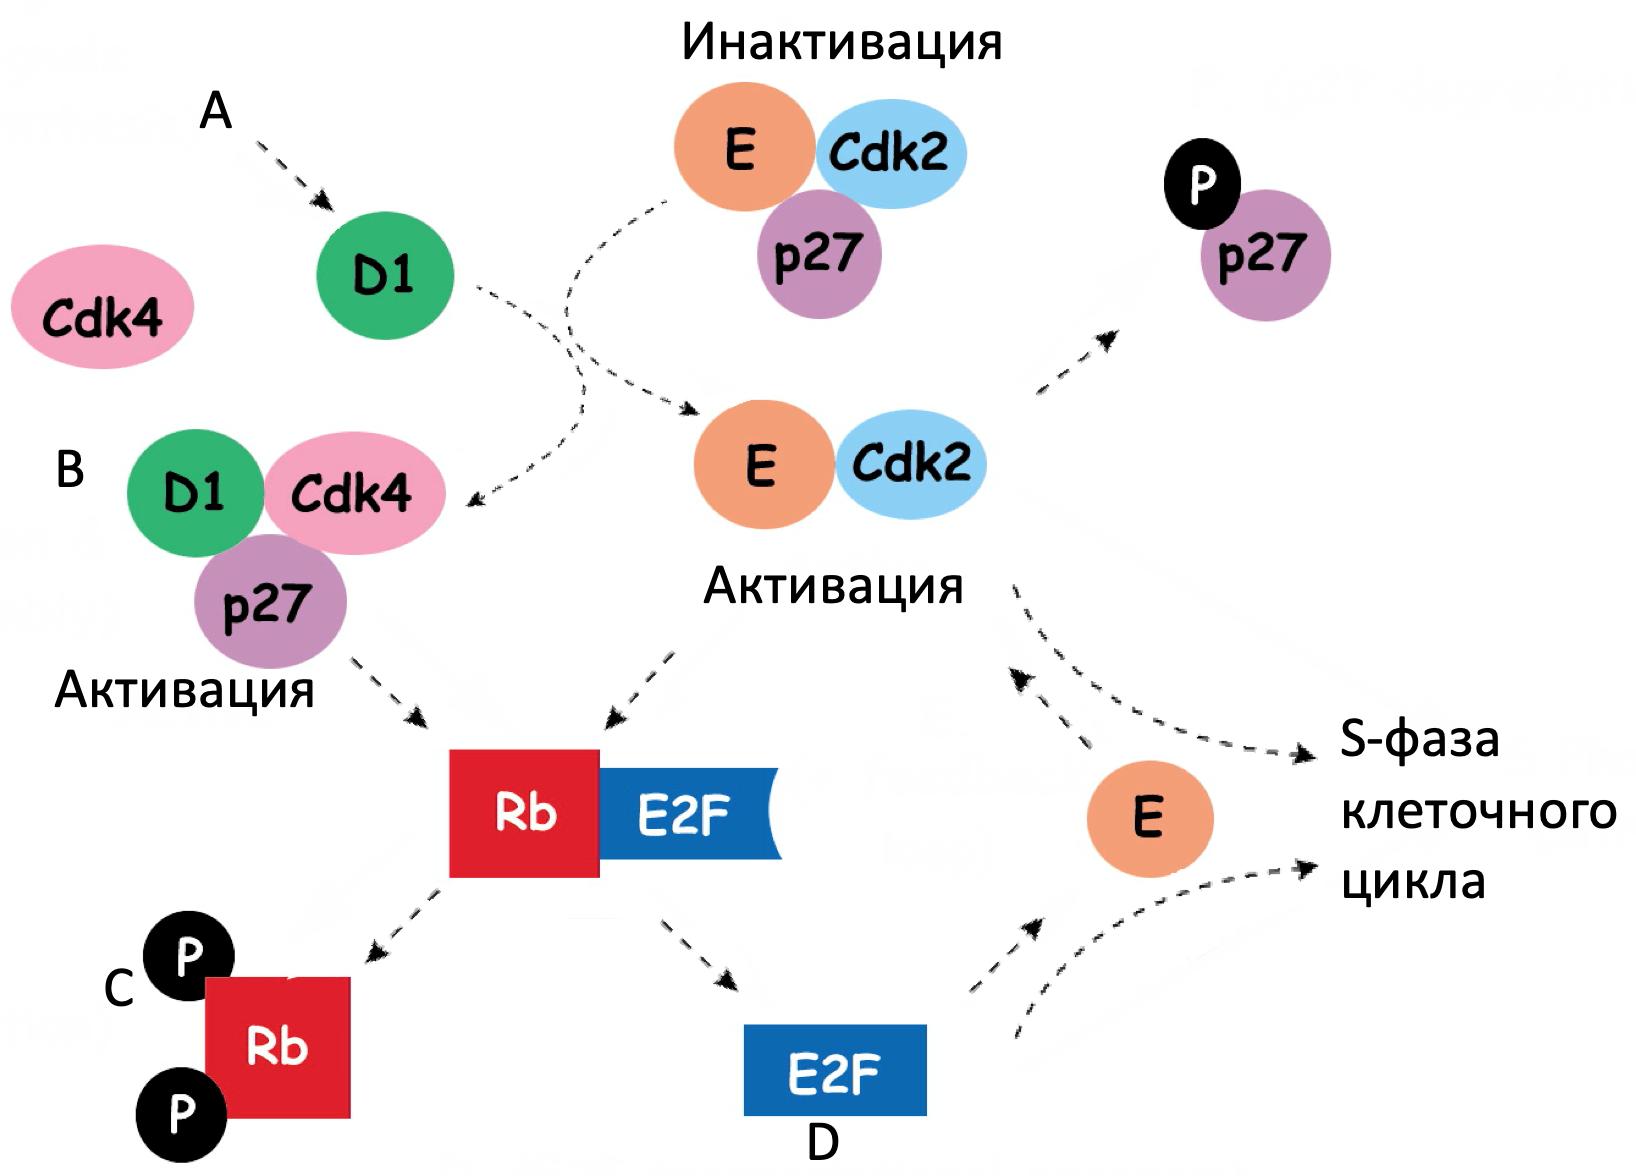 Каскад регуляции в G1 фазу клеточного цикла